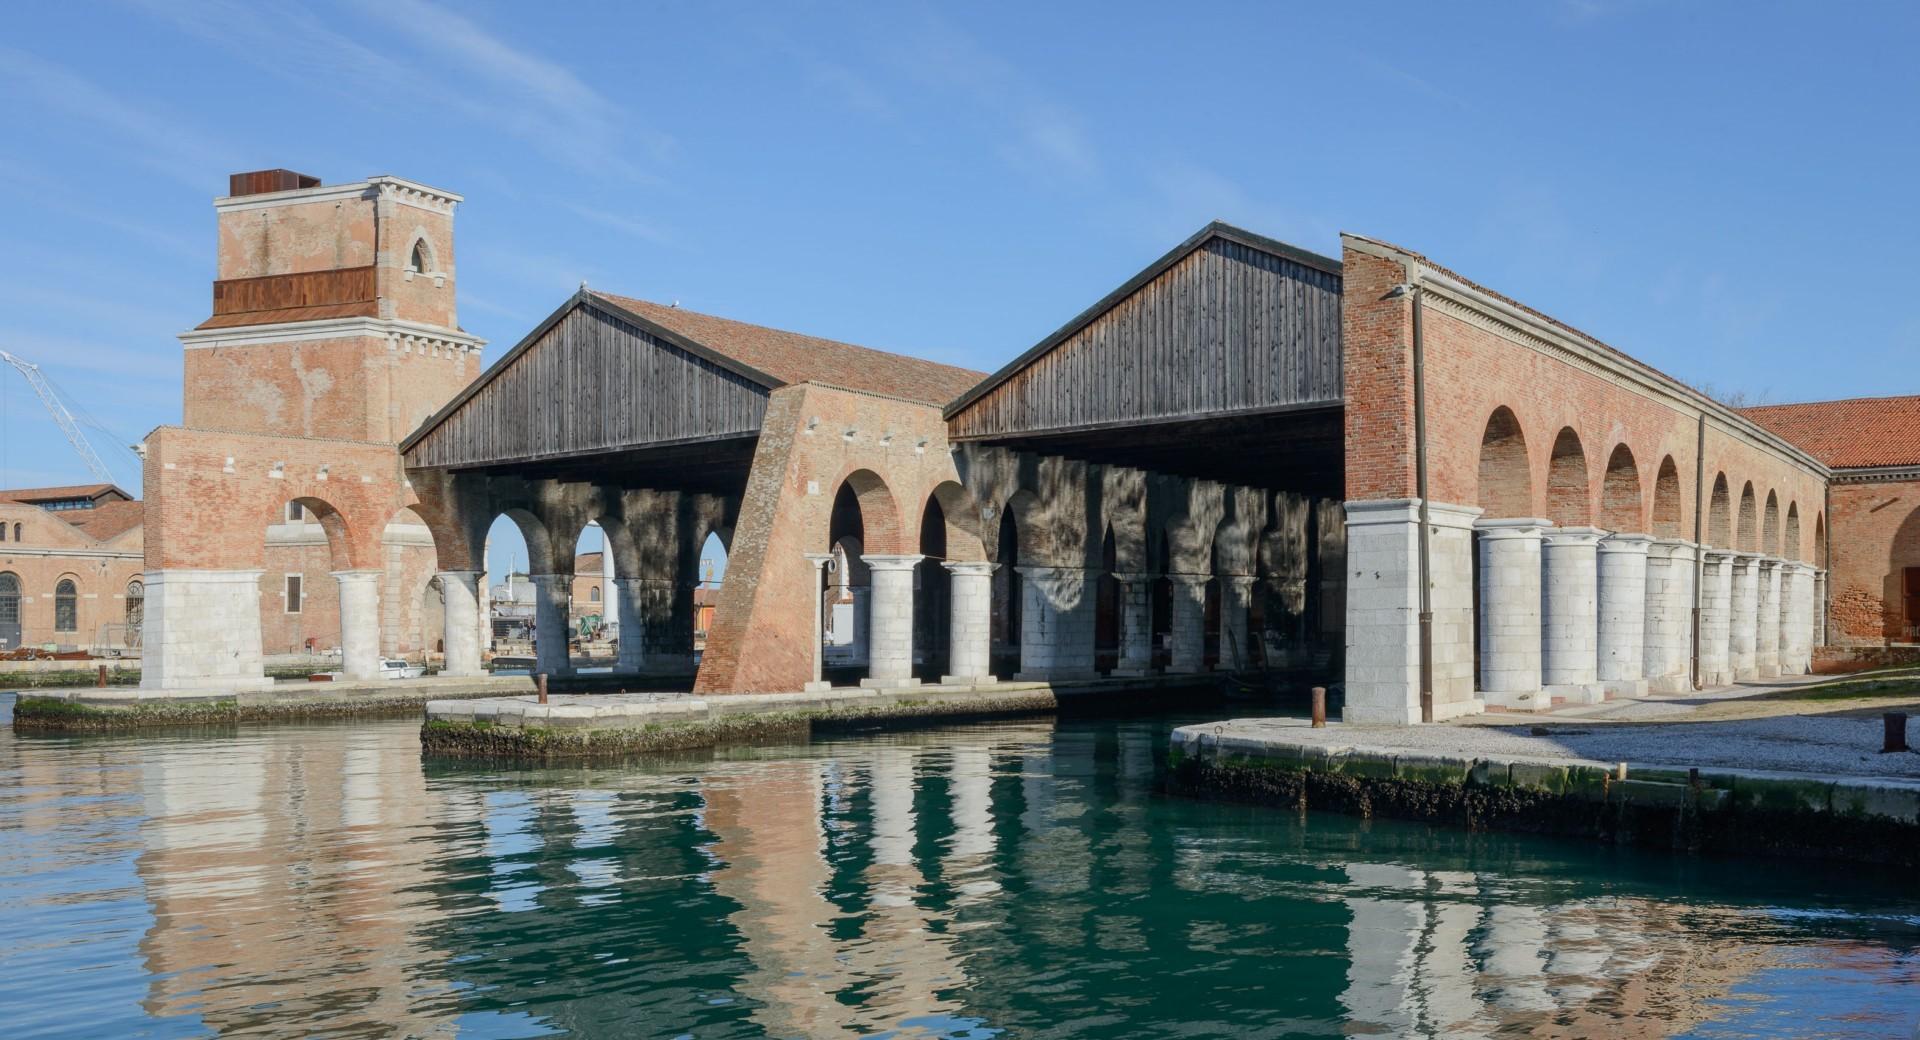 Biennale d'Architecture de Venise 2020 – La maison de l'architecture